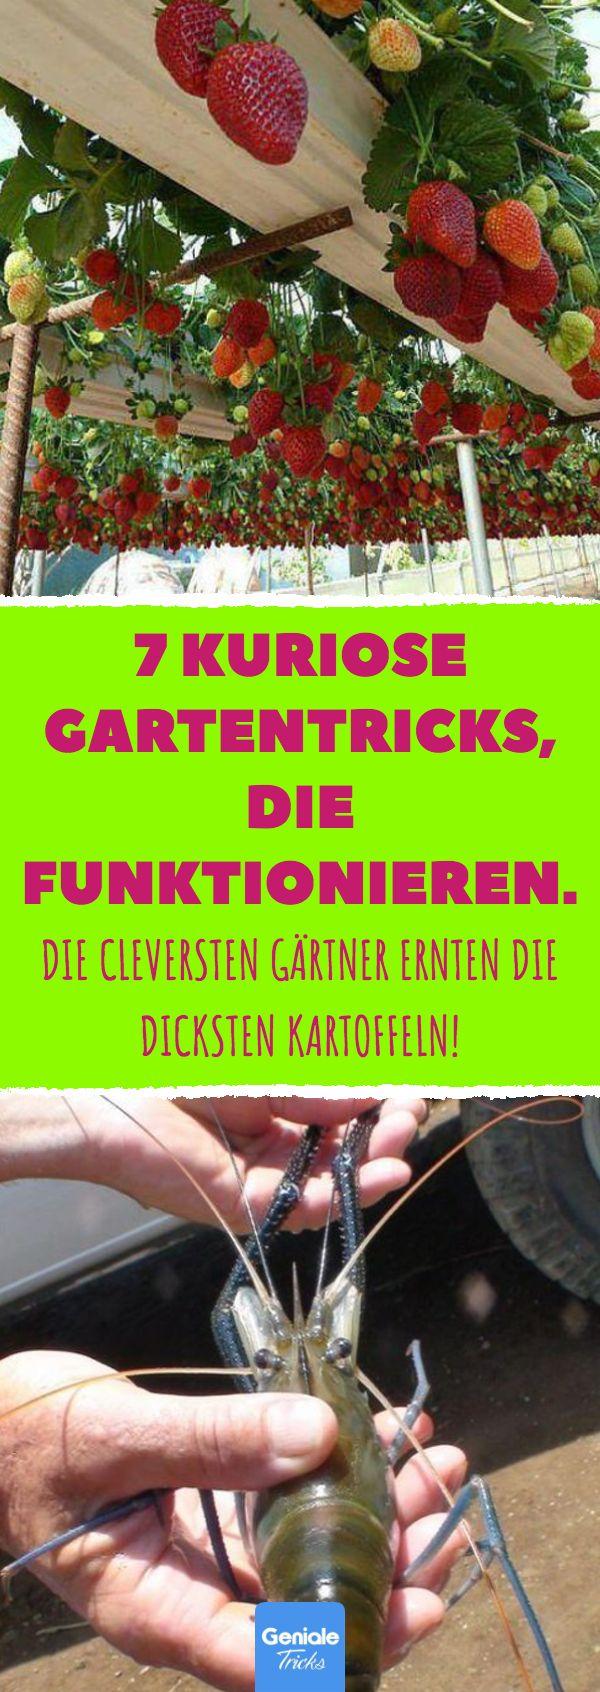 7 kuriose Gartentricks, die funktionieren. 7 ungew…